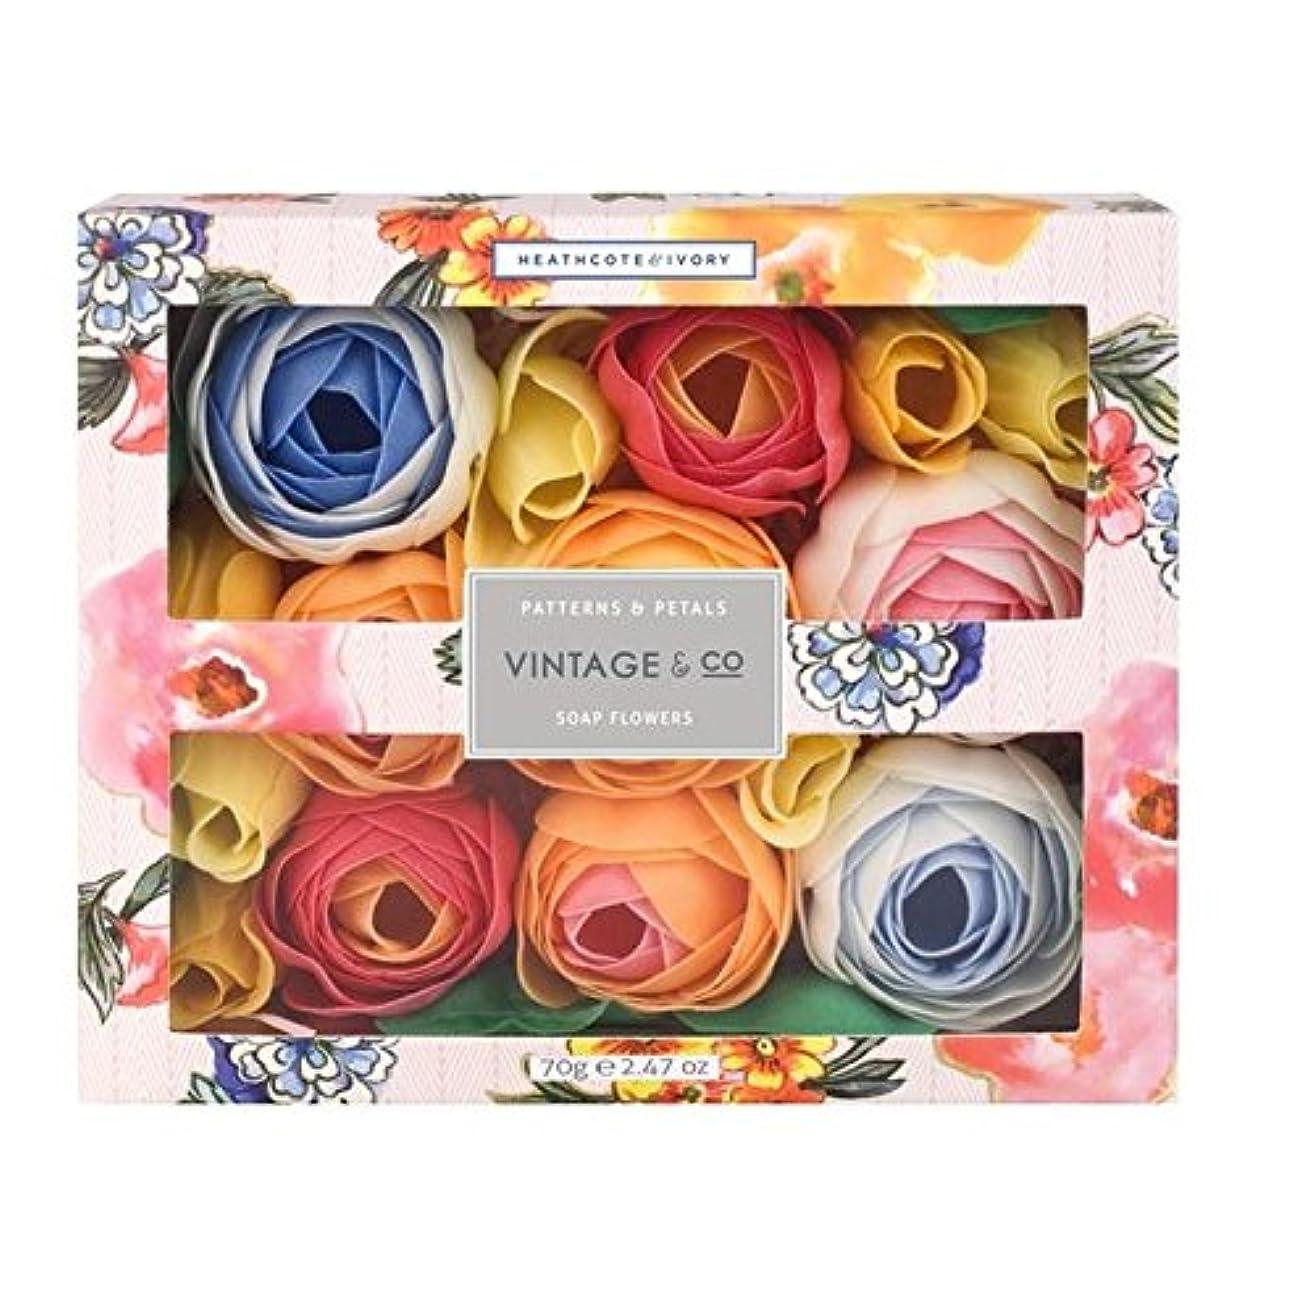 マトンサービス支出Heathcote & Ivory Patterns & Petals Soap Flowers 70g - ヒースコート&アイボリーパターン&花びら石鹸の花70グラム [並行輸入品]